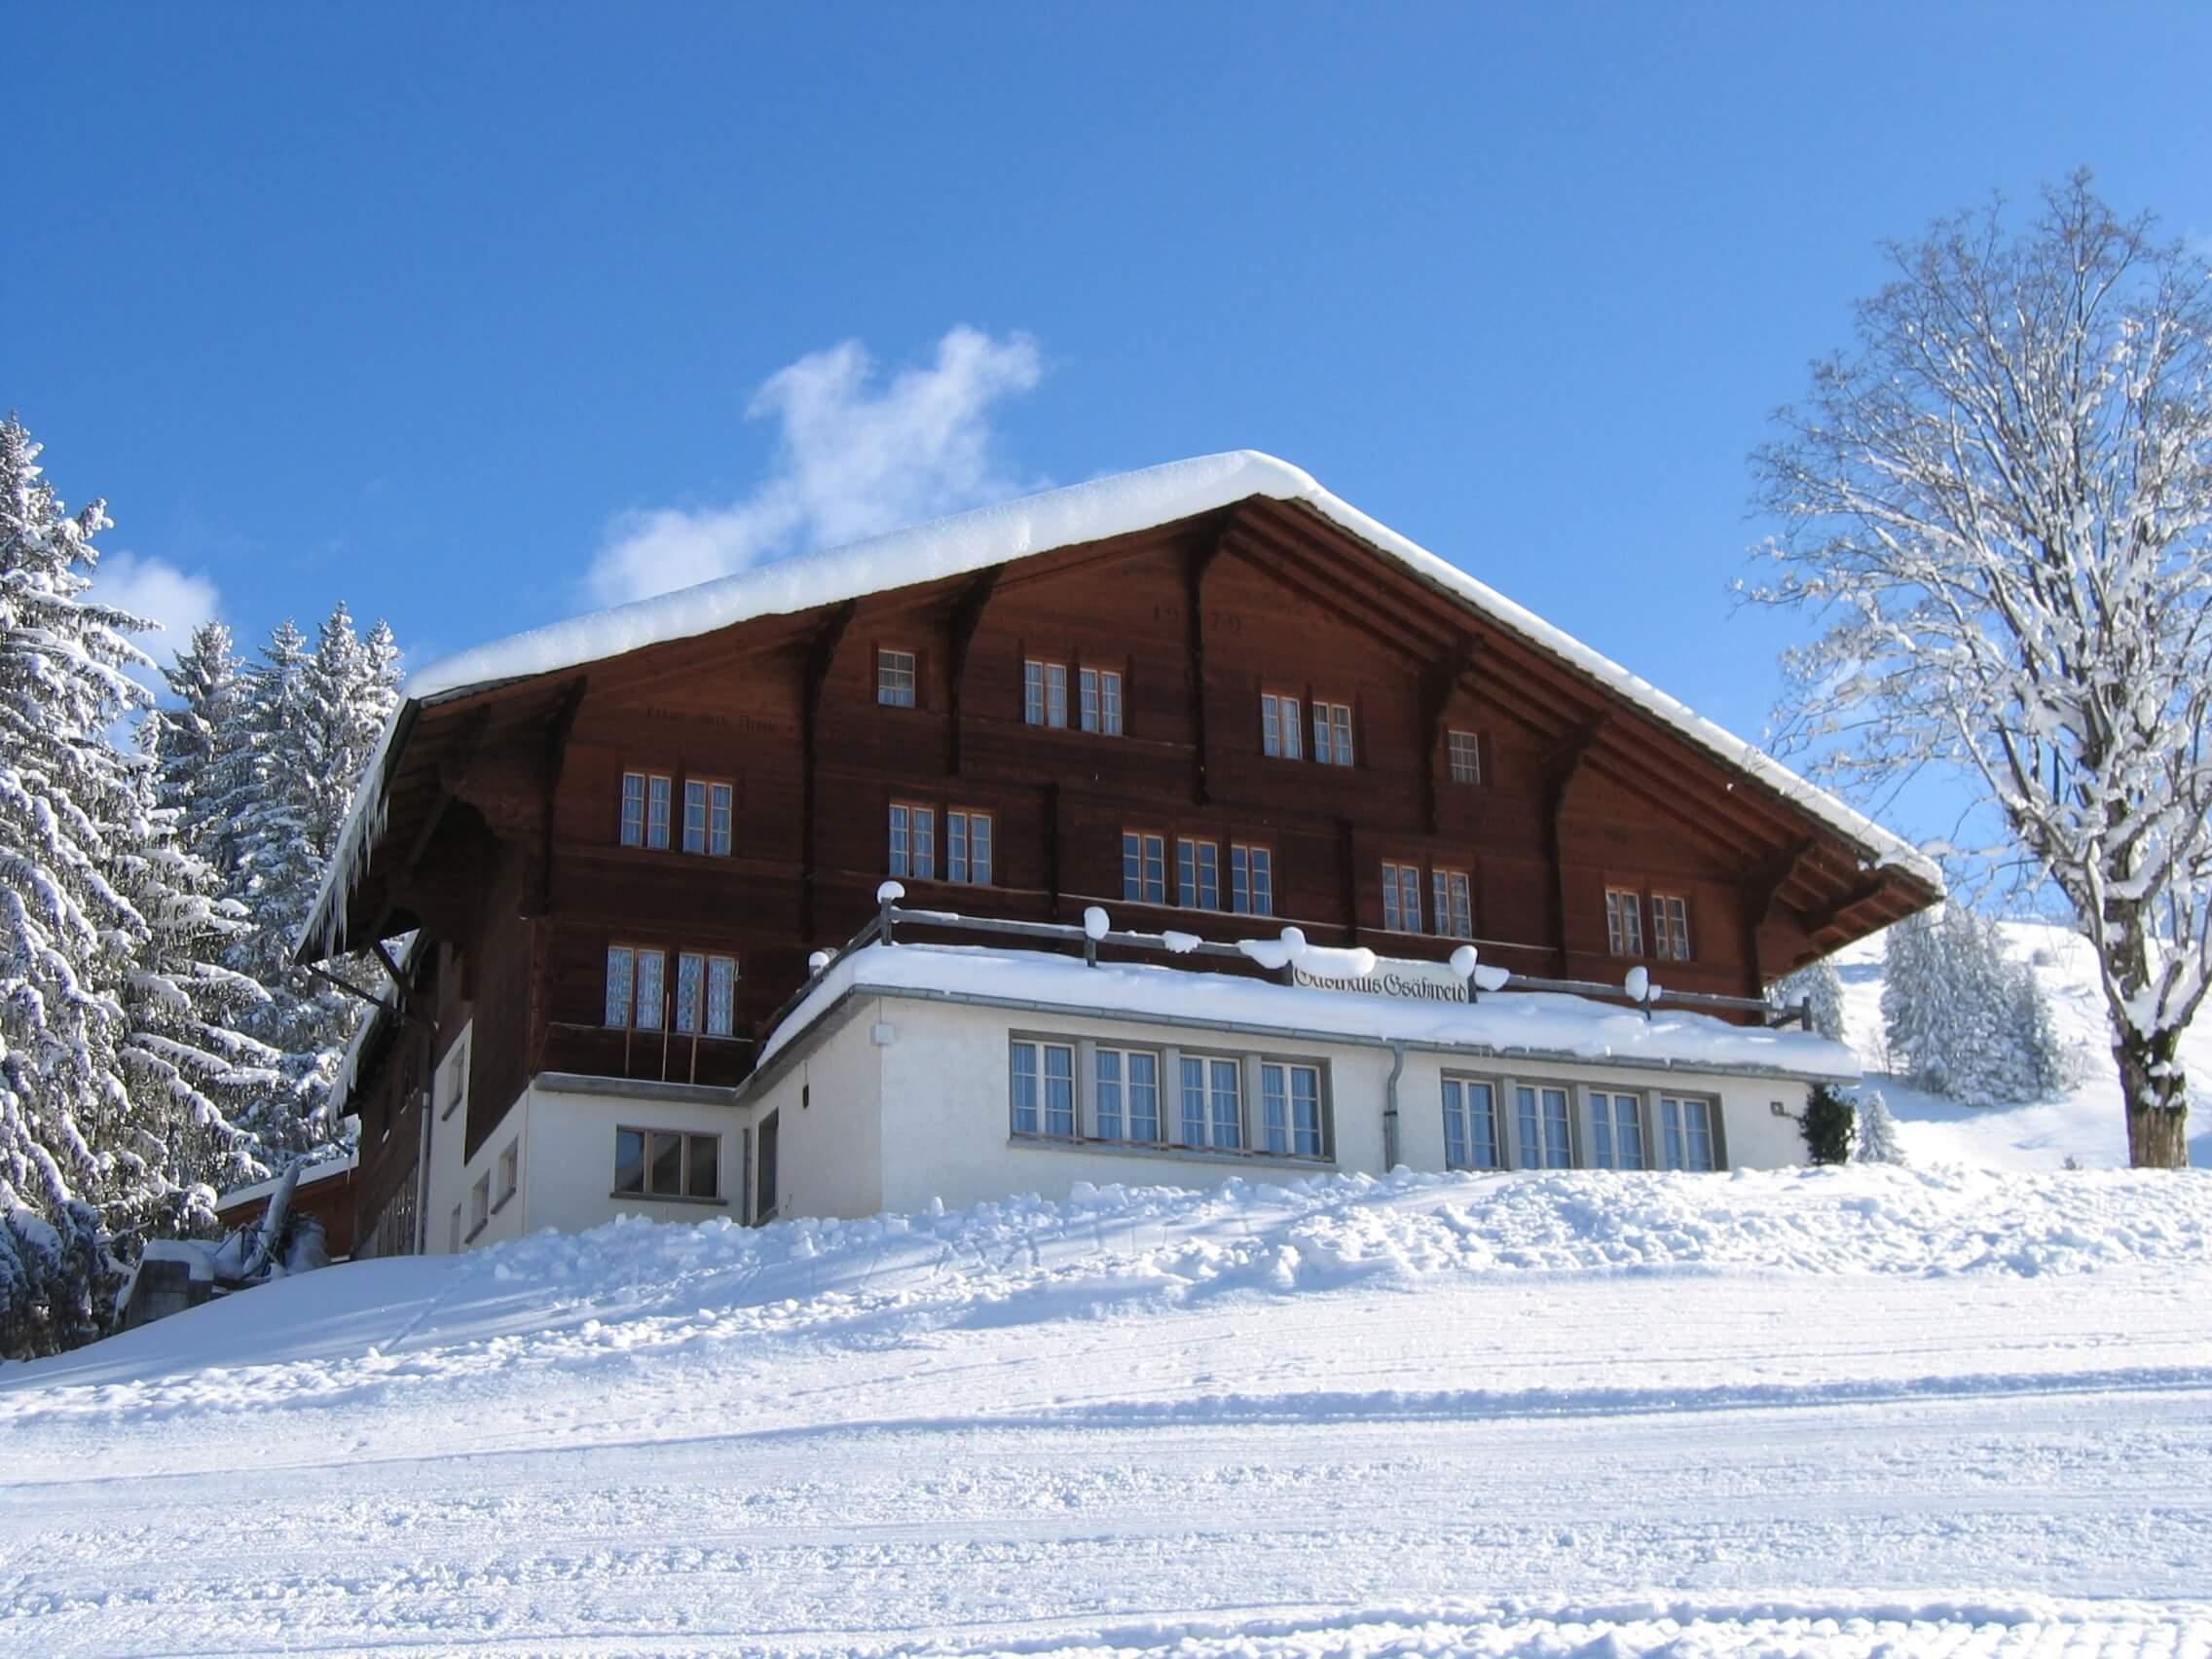 Gasthaus Gsässweid Aussenansicht Winter